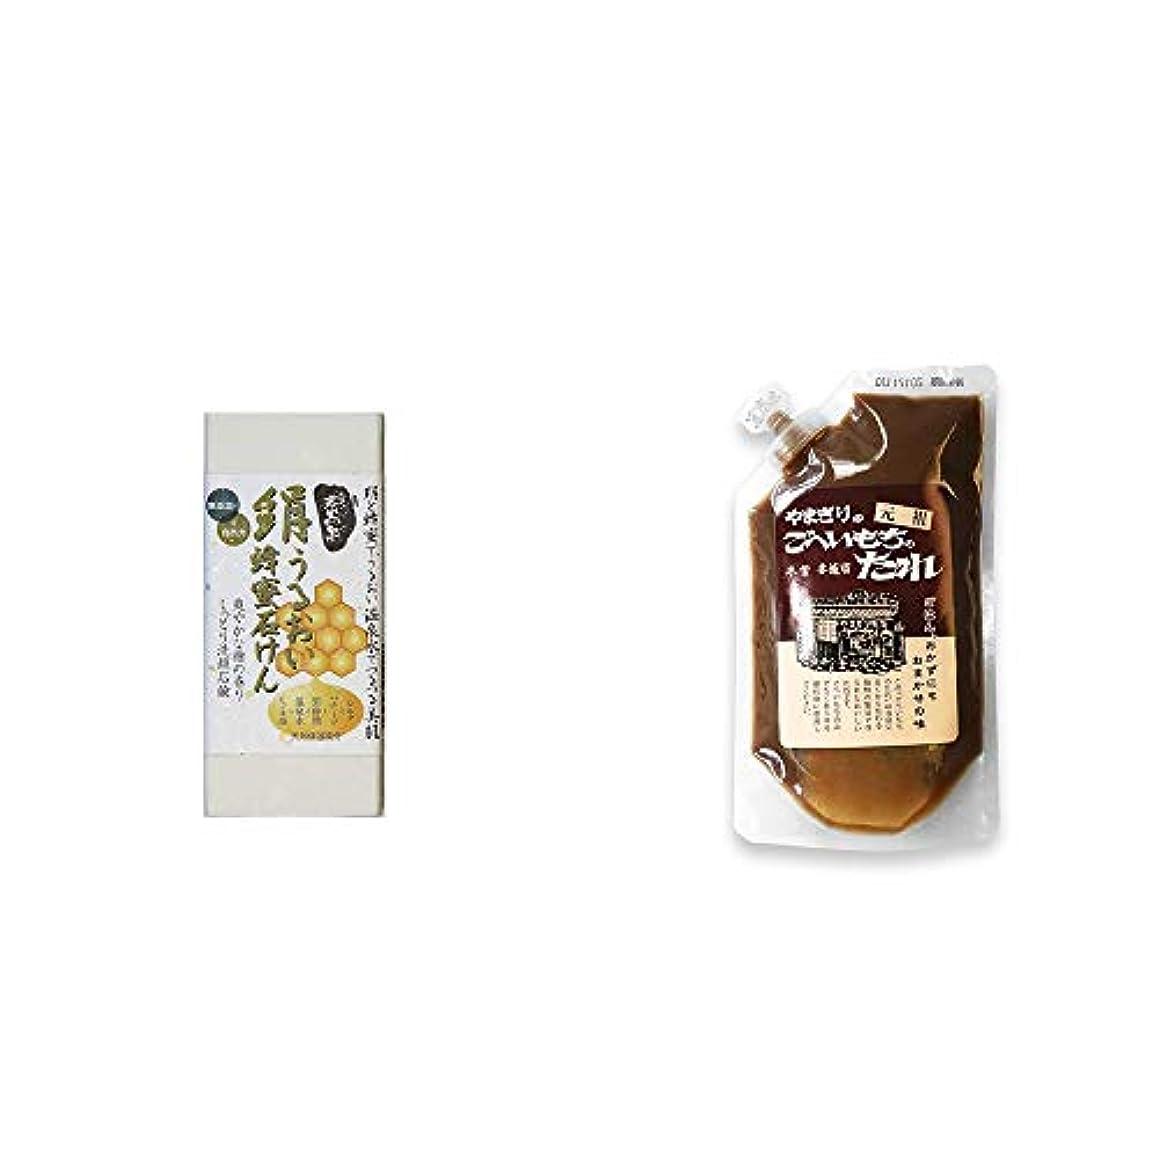 嫌がらせ湖シダ[2点セット] ひのき炭黒泉 絹うるおい蜂蜜石けん(75g×2)?妻籠宿 やまぎり食堂 ごへい餅のたれ(250g)